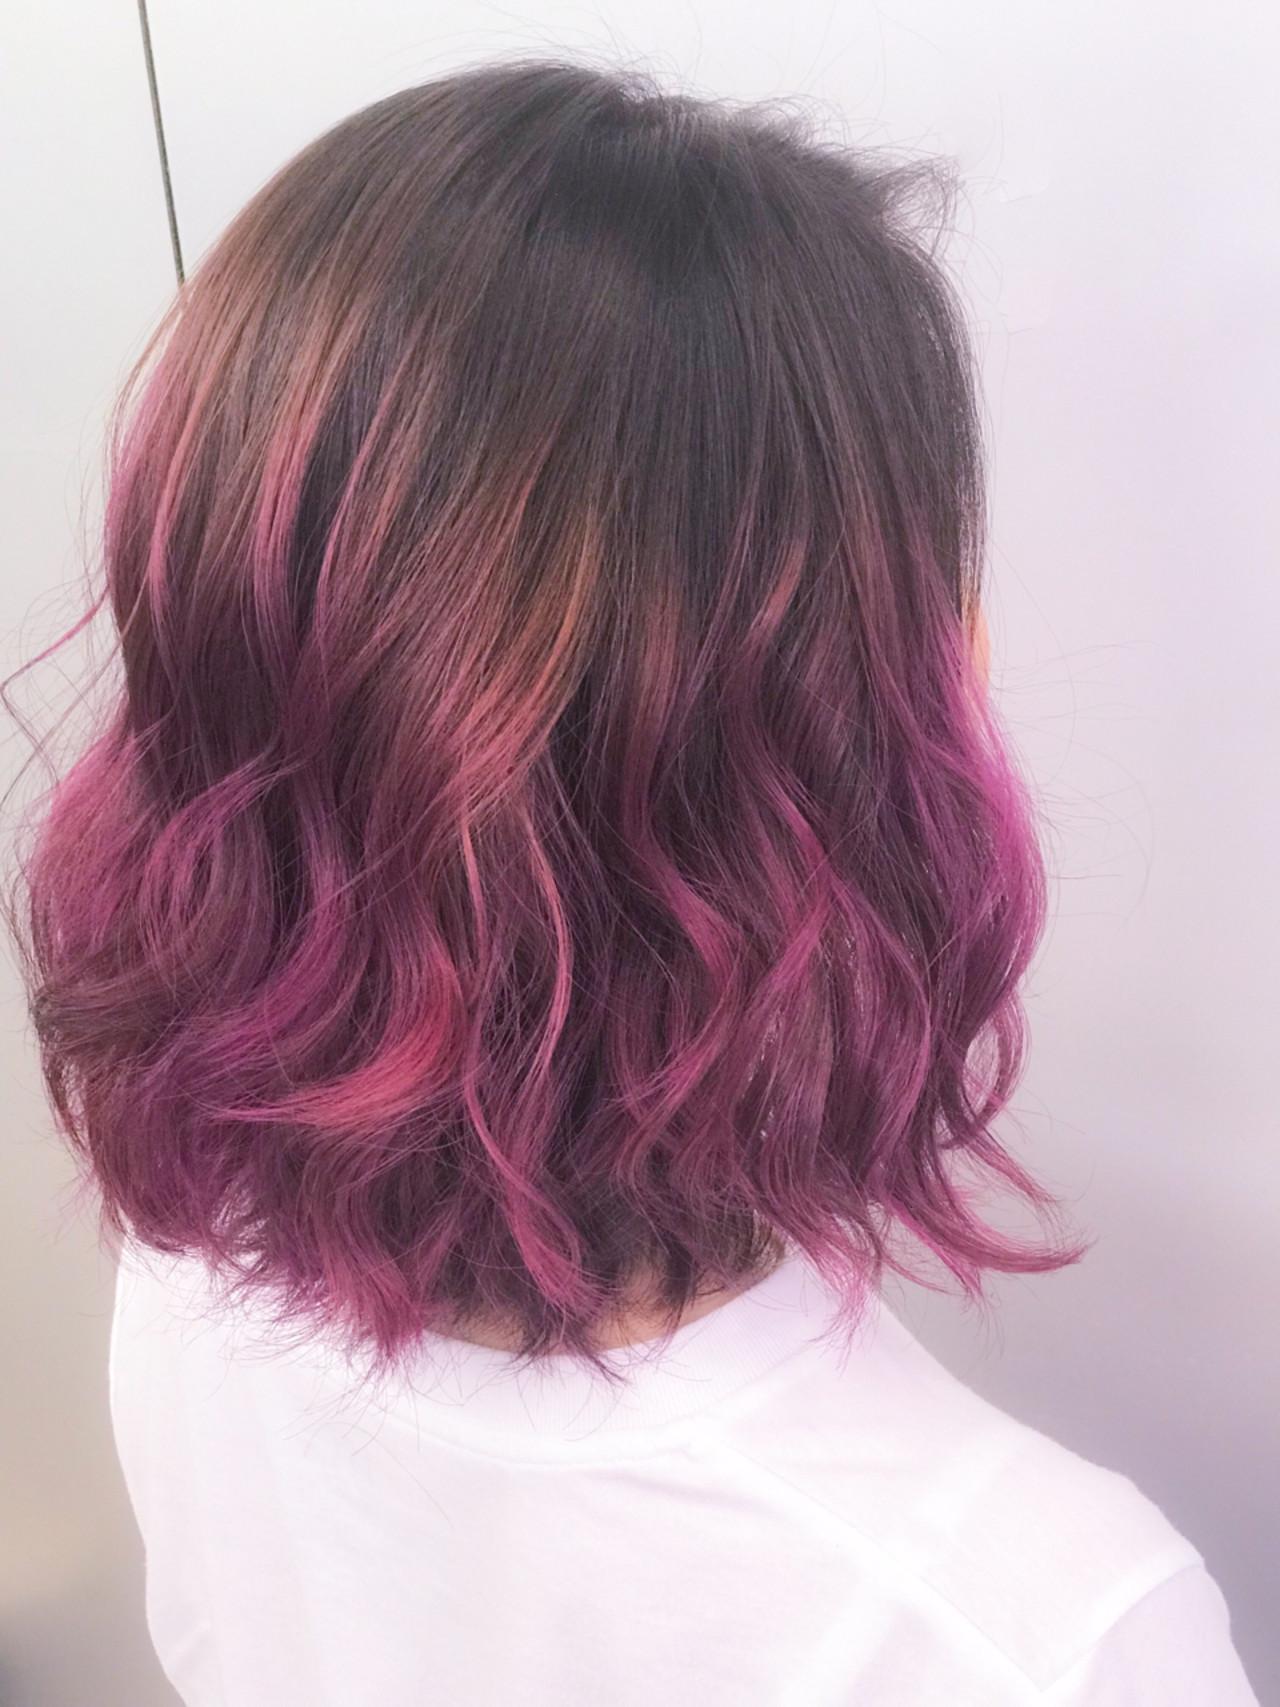 ゆるふわ女性のピンクグラデーションヘア YUKA